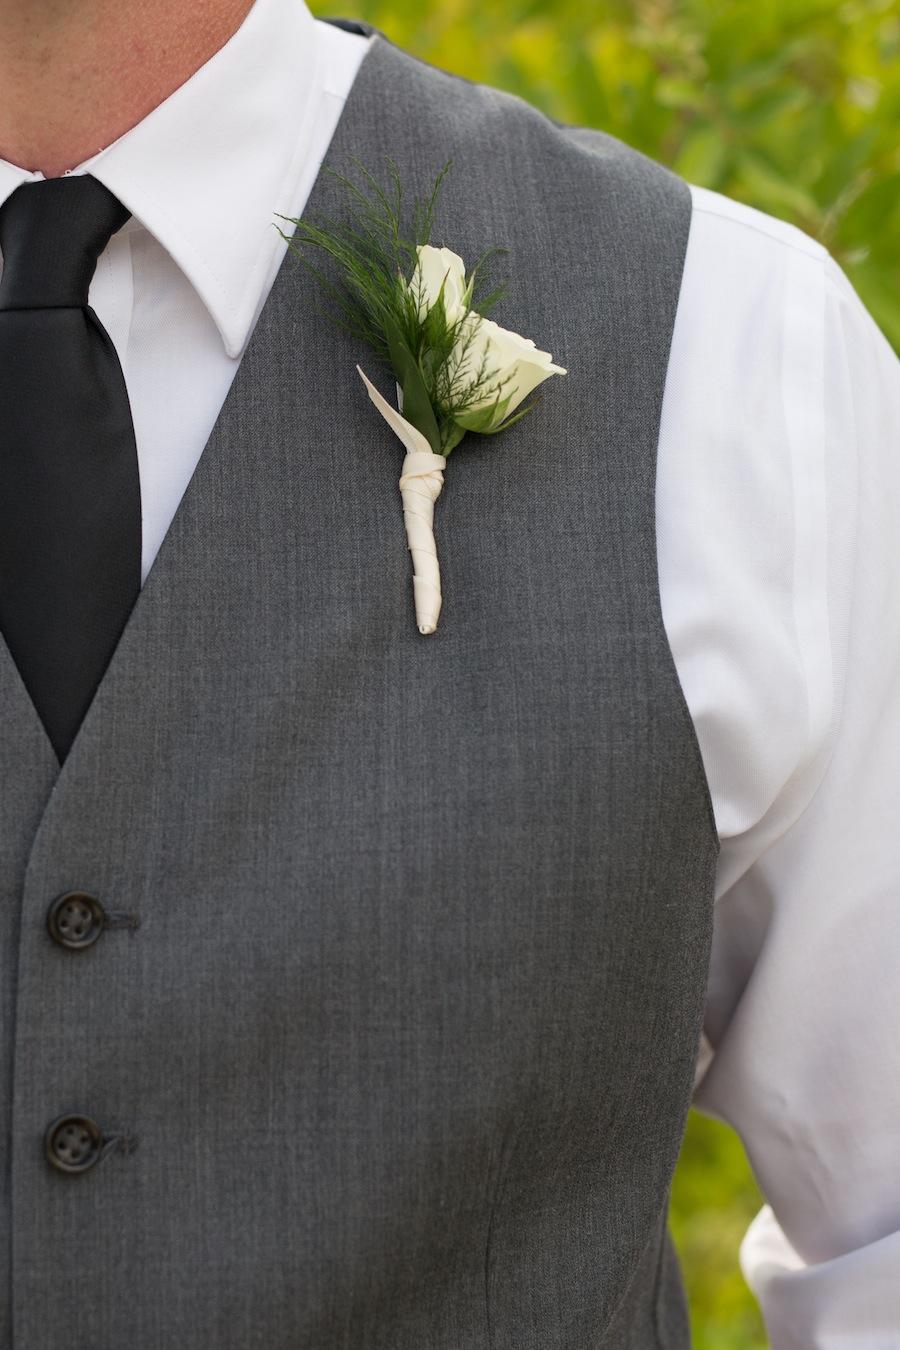 Grey Groomsmen Suit with White Boutonniere | Beach Wedding Attire